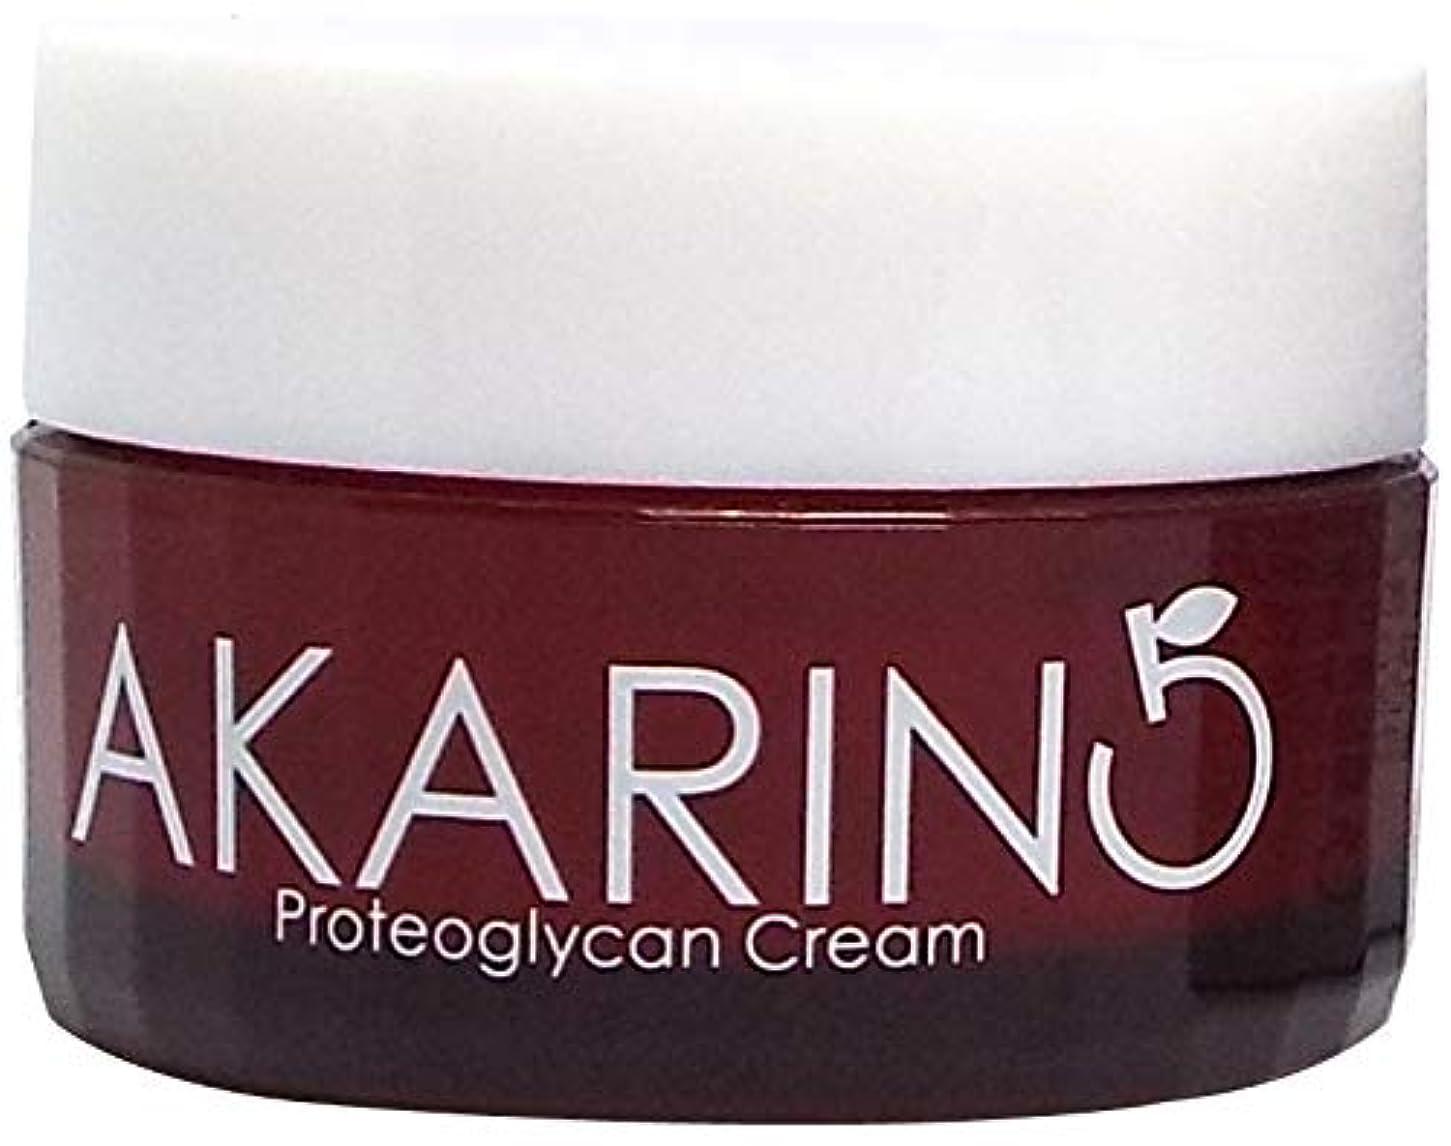 テクトニック細菌ダウンプロテオグリカン配合フェイスクリーム 30g AKARIN5